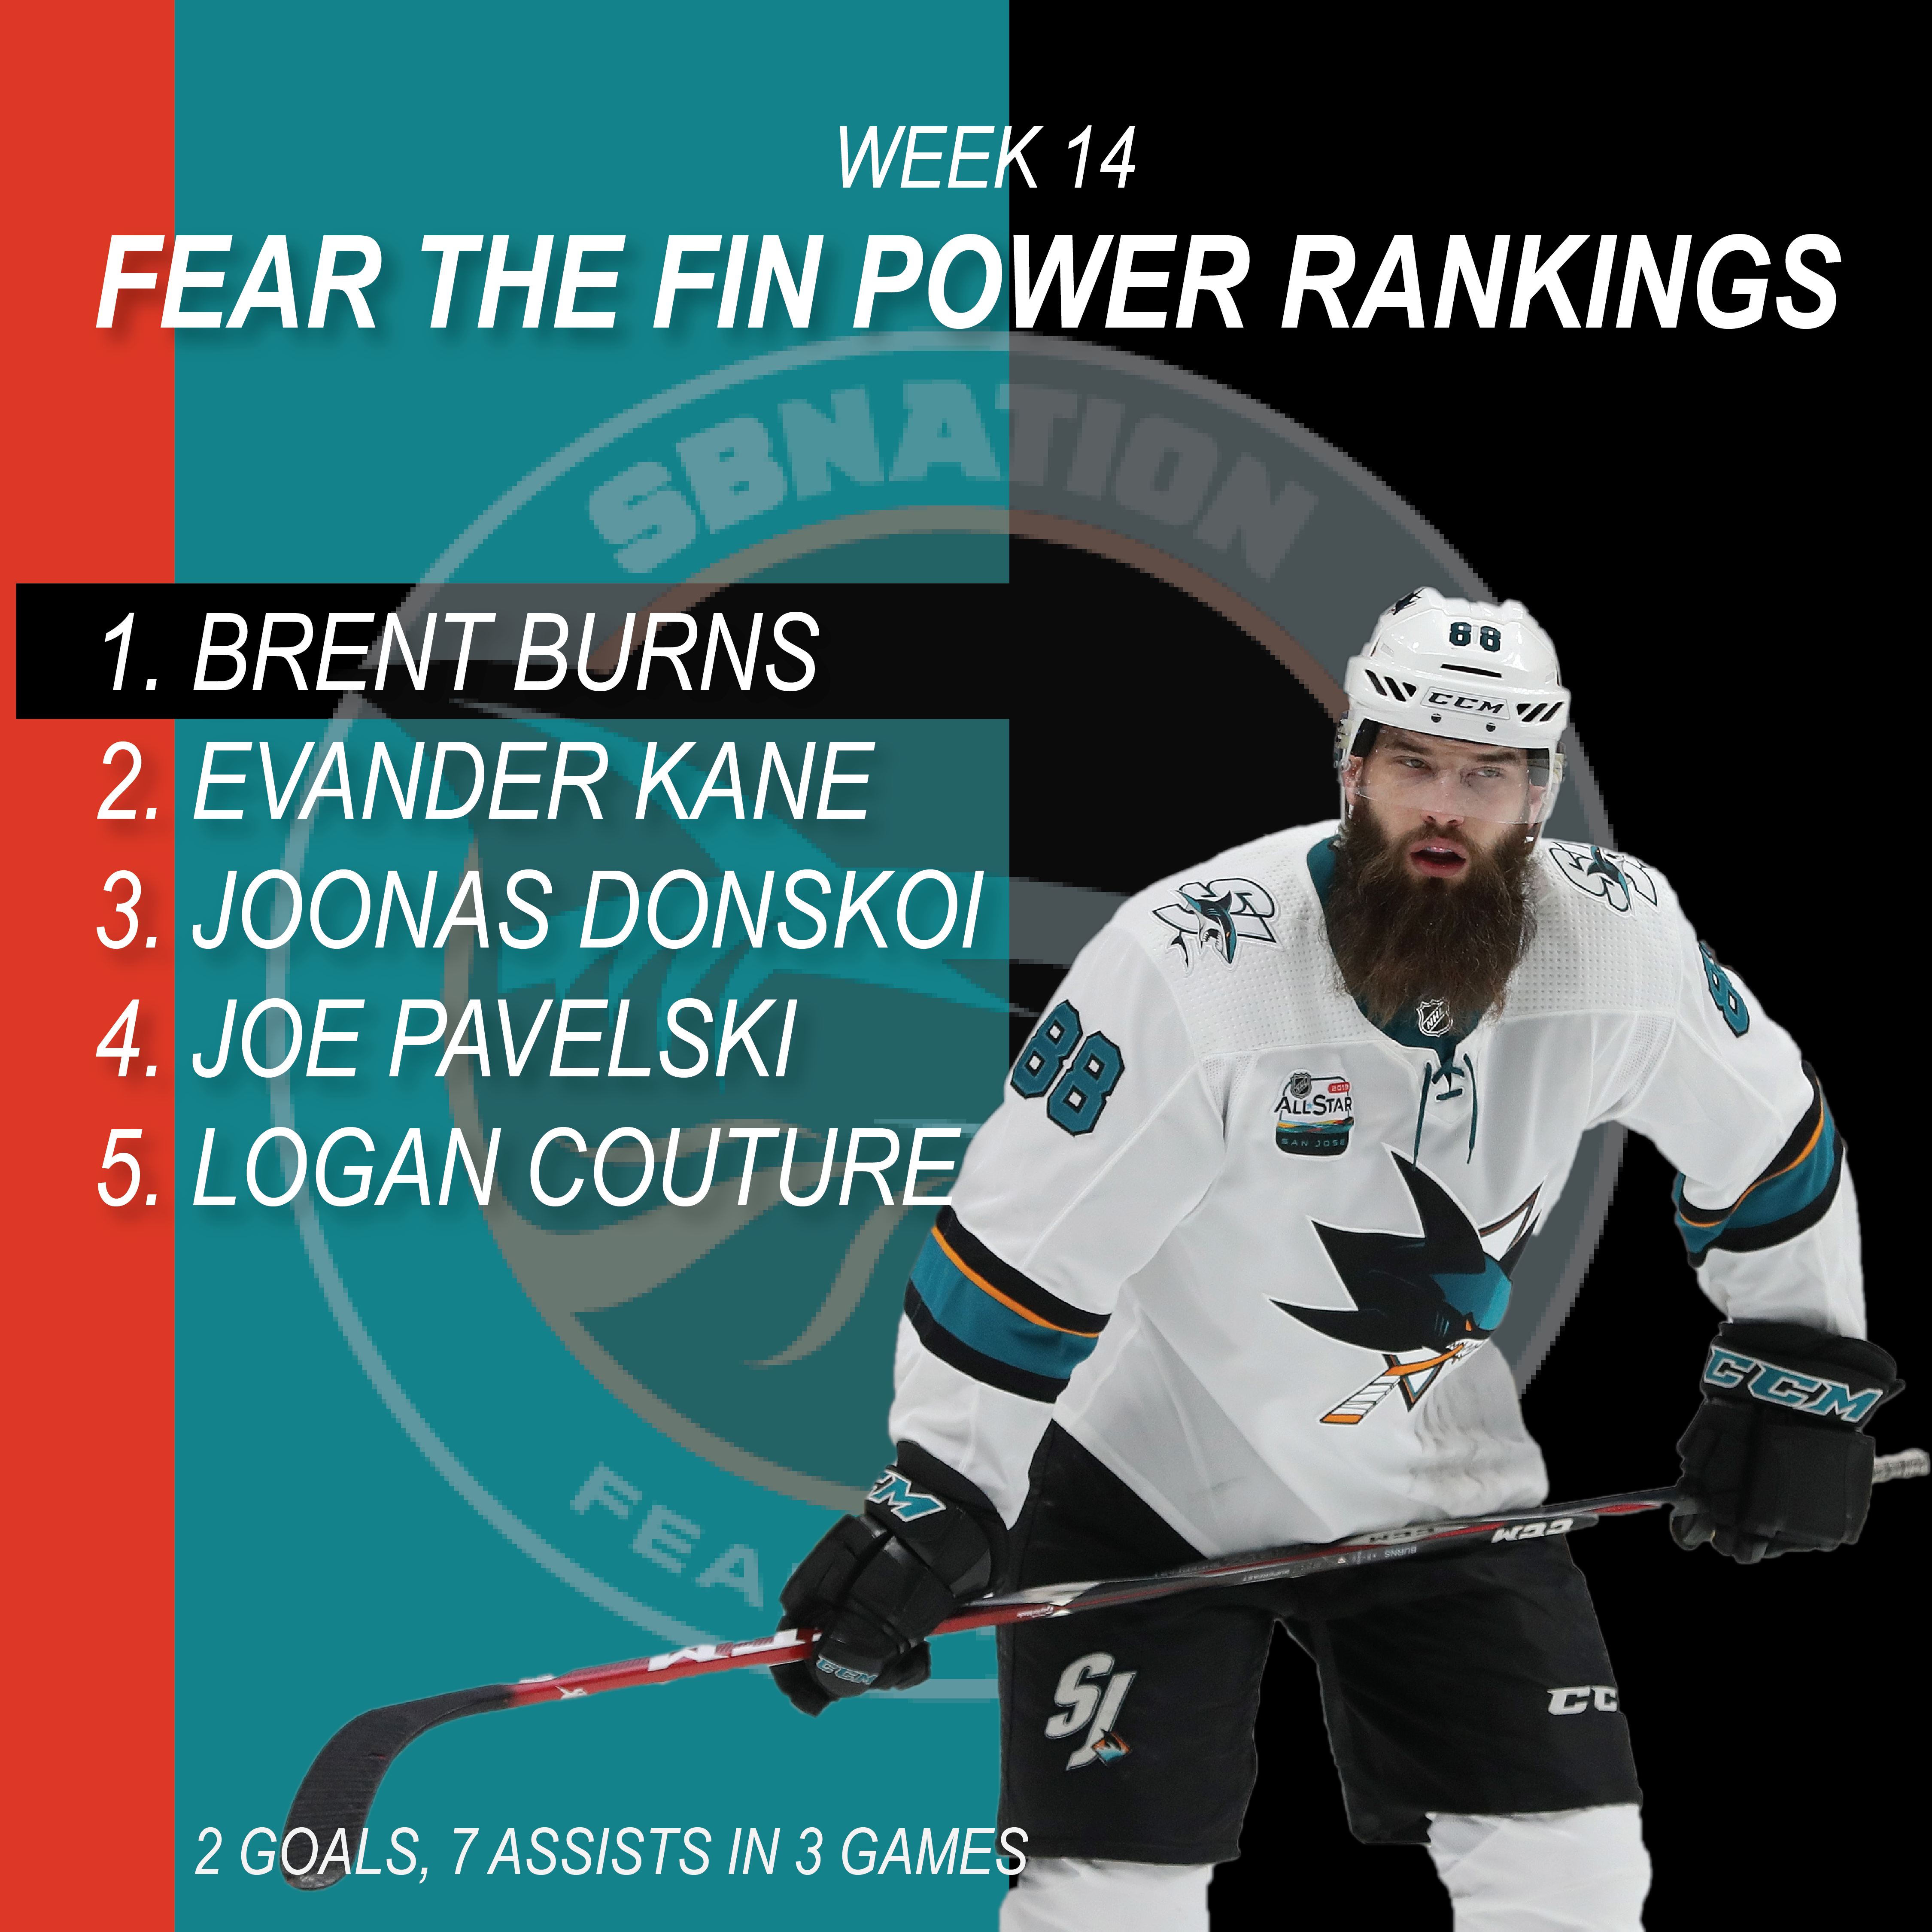 Week 14 Power Rankings